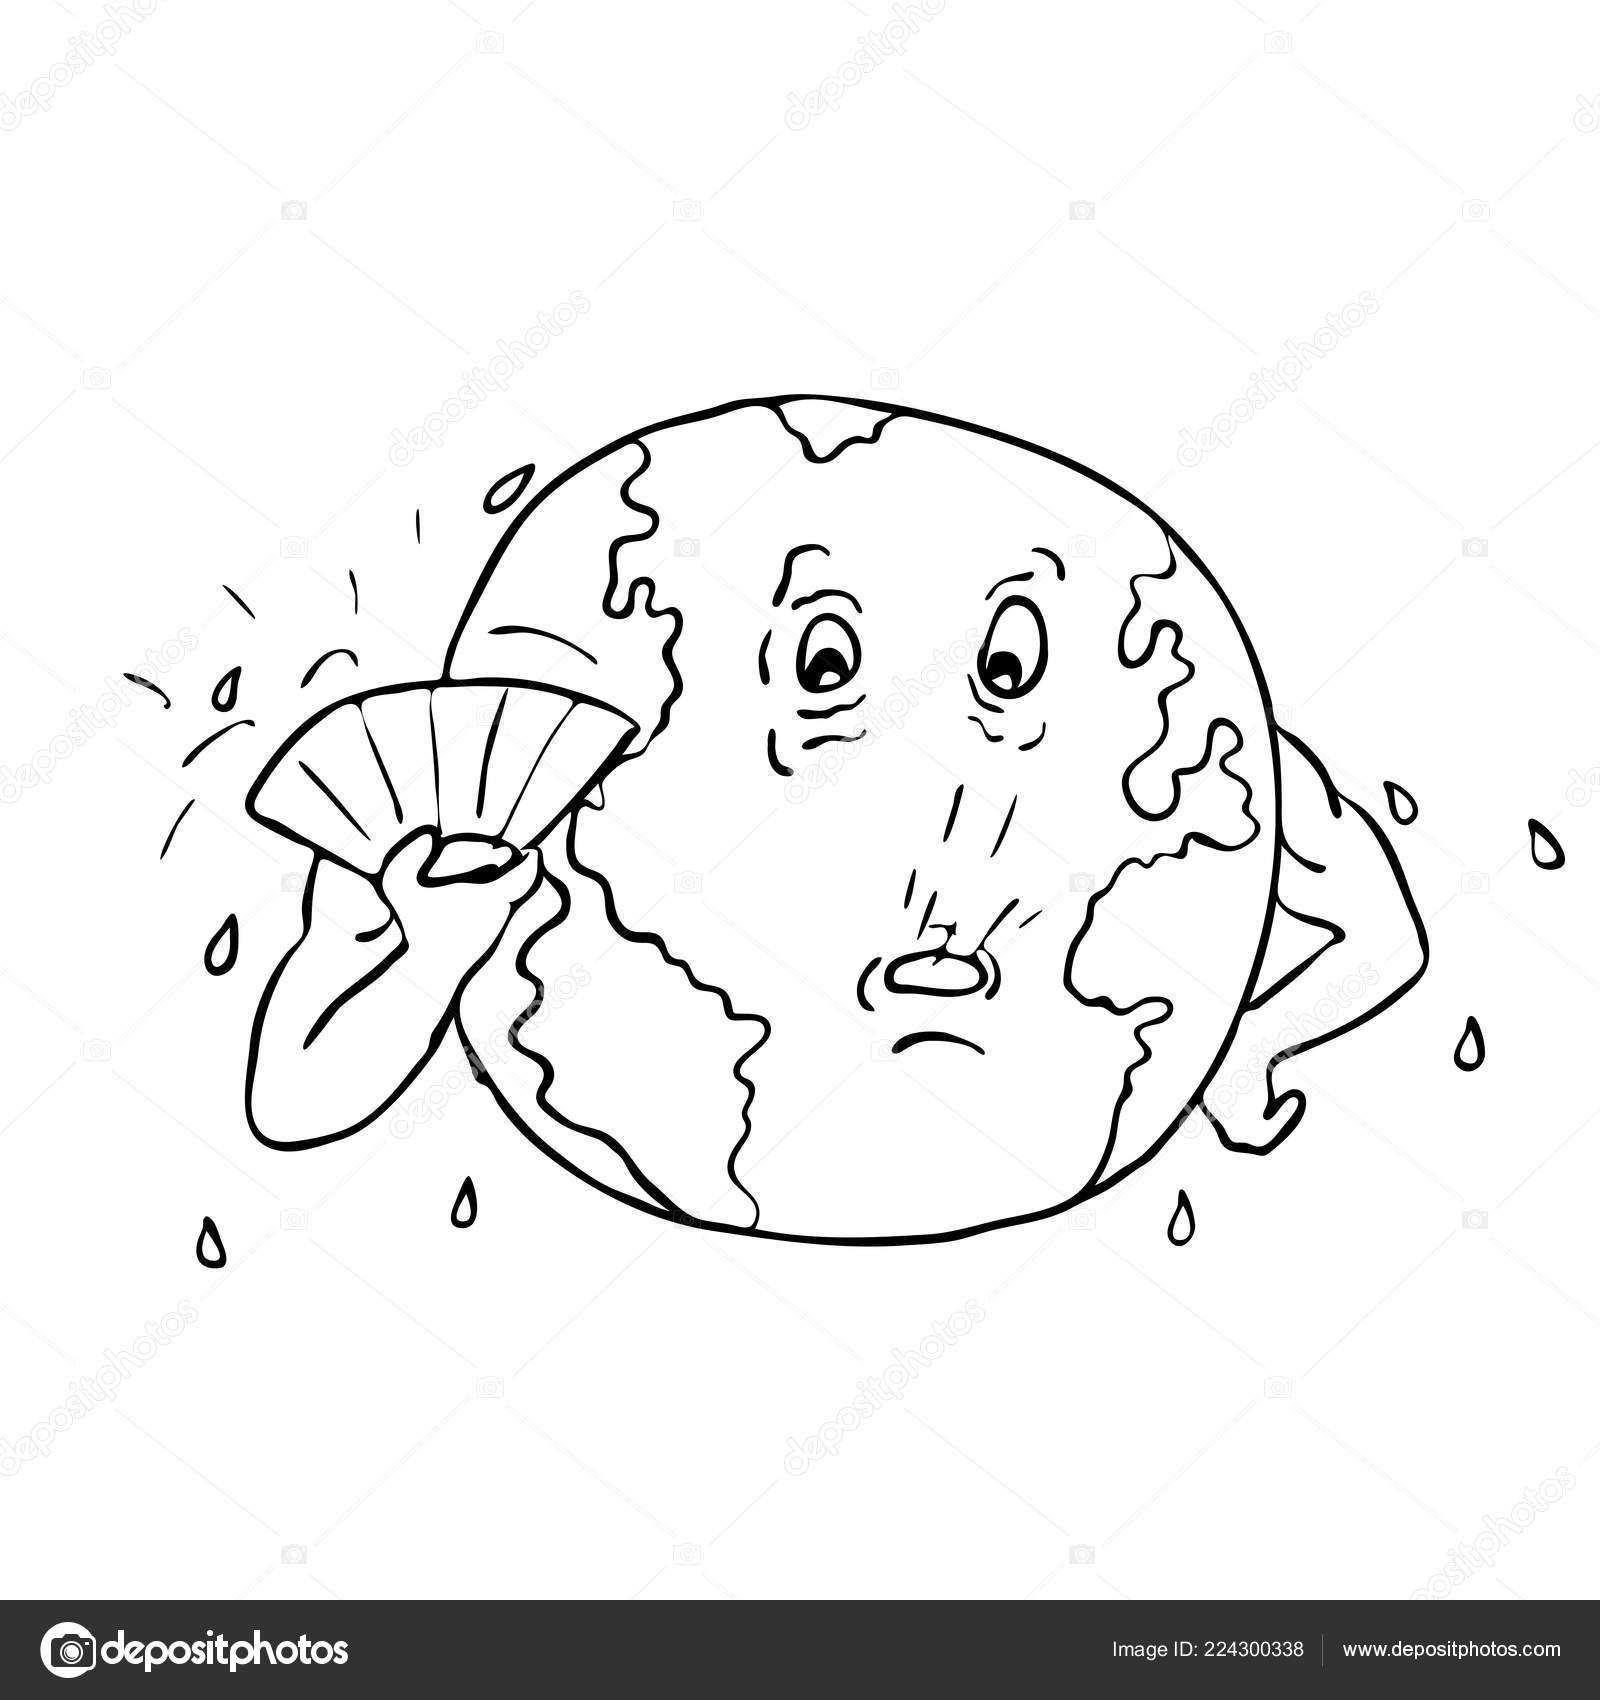 Noir Blanc Dessin Croquis Style Illustration Planète Terre Avec